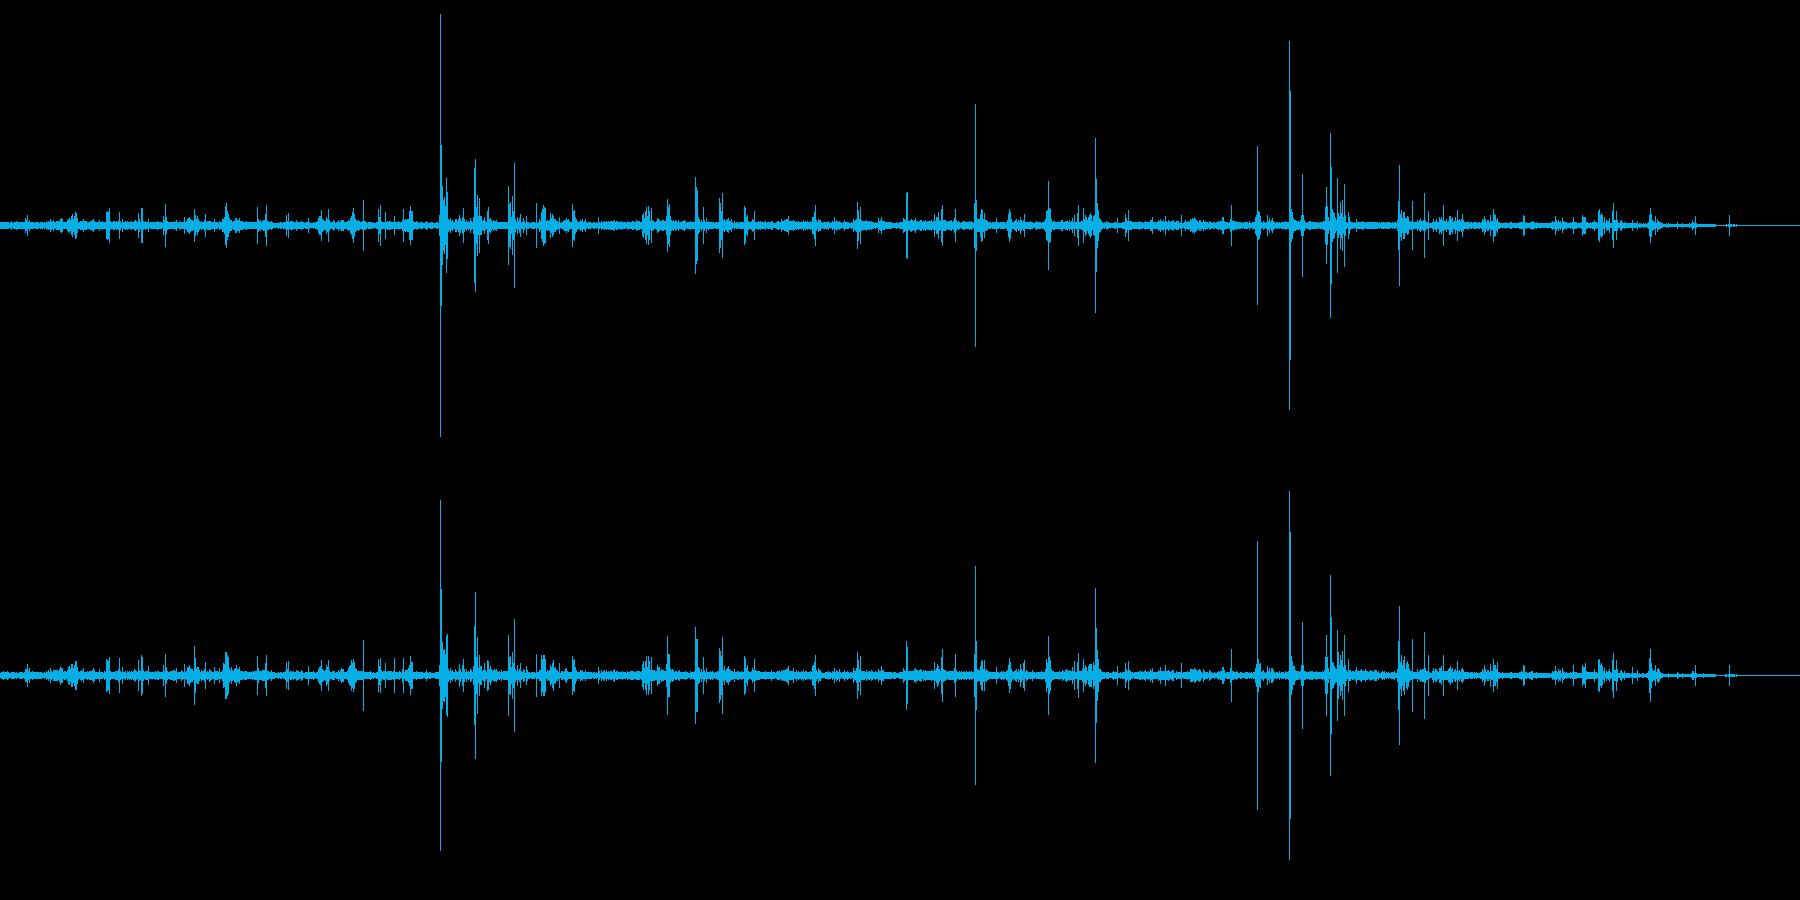 ザッザッと歩く足音の再生済みの波形